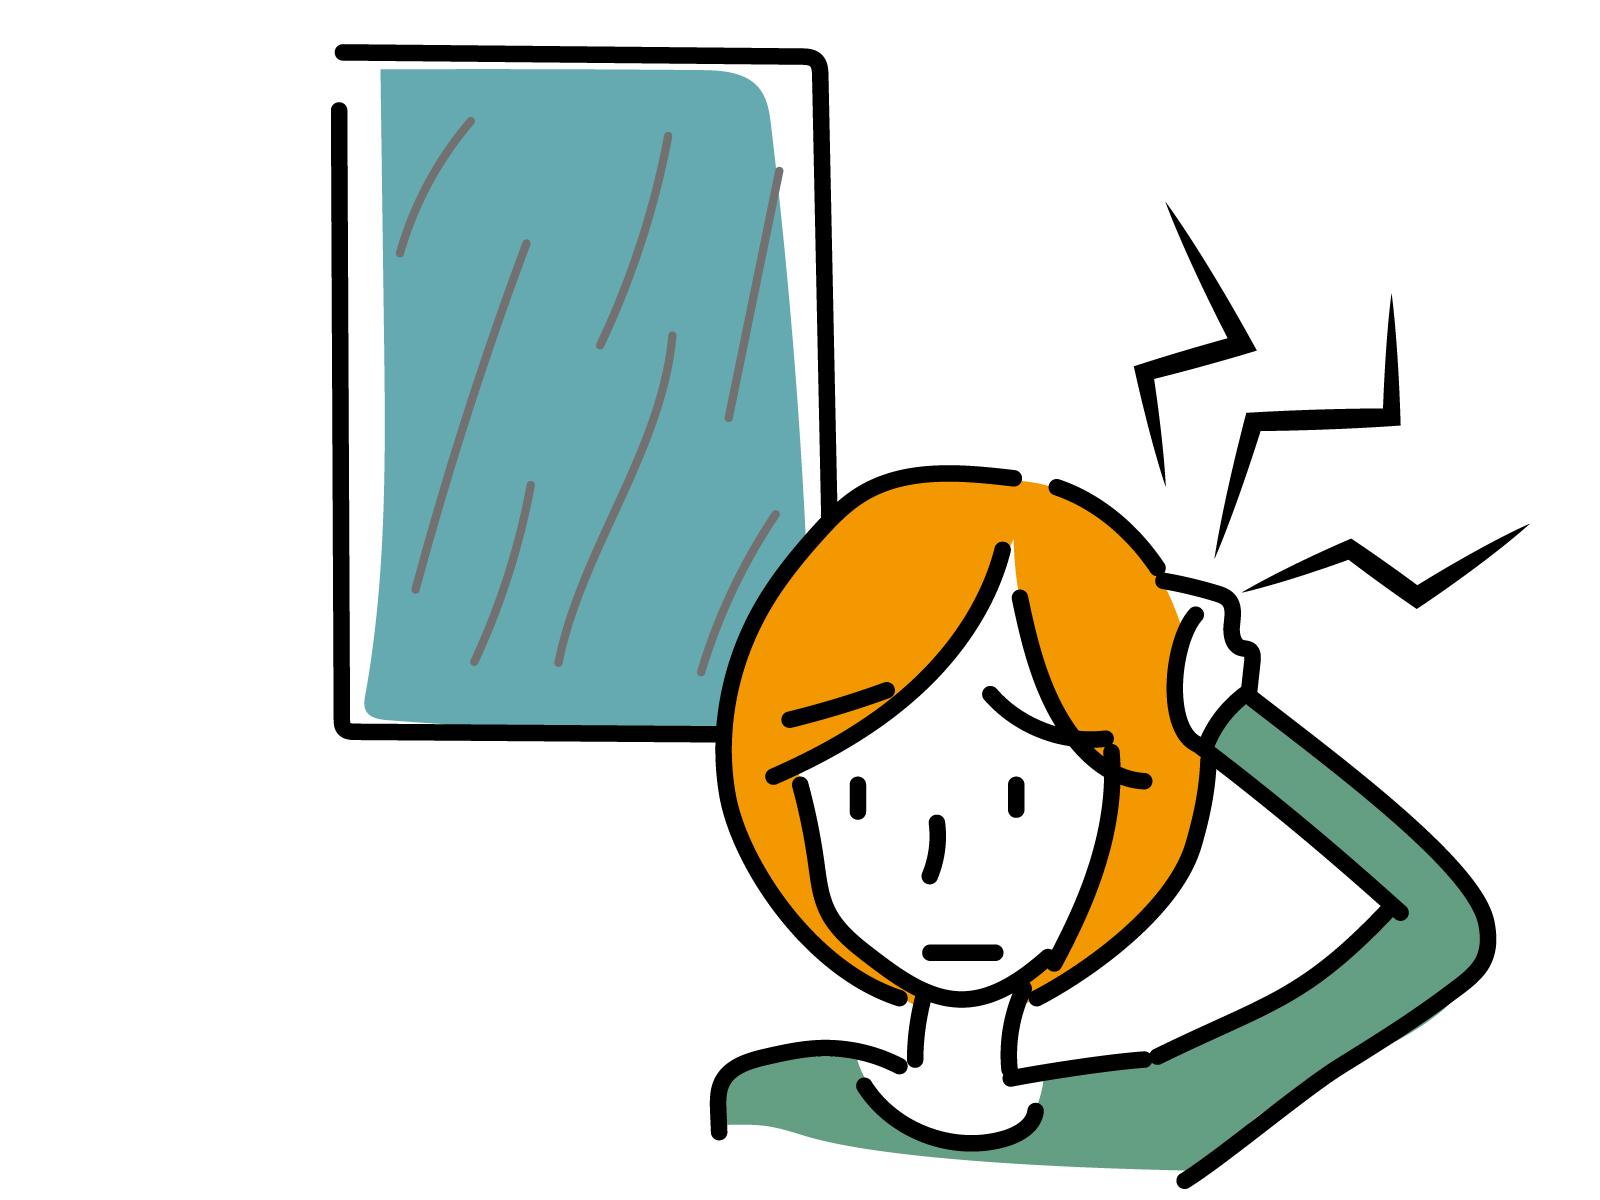 天気による頭痛がある女性のイラスト